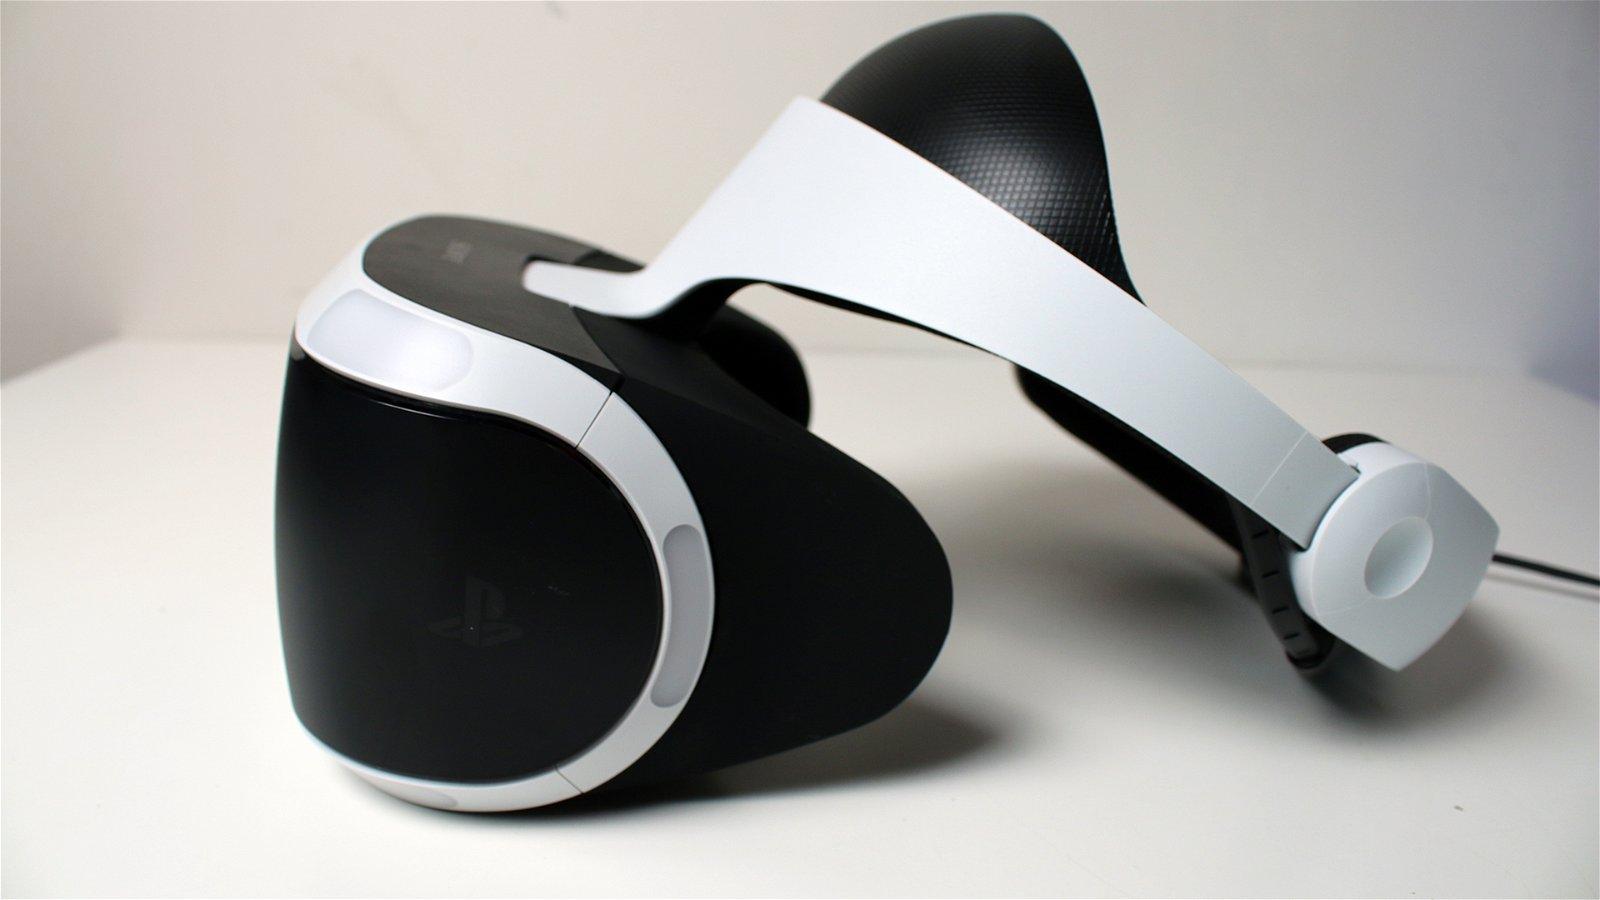 PlayStation VR Launch Bundle Unboxing 2